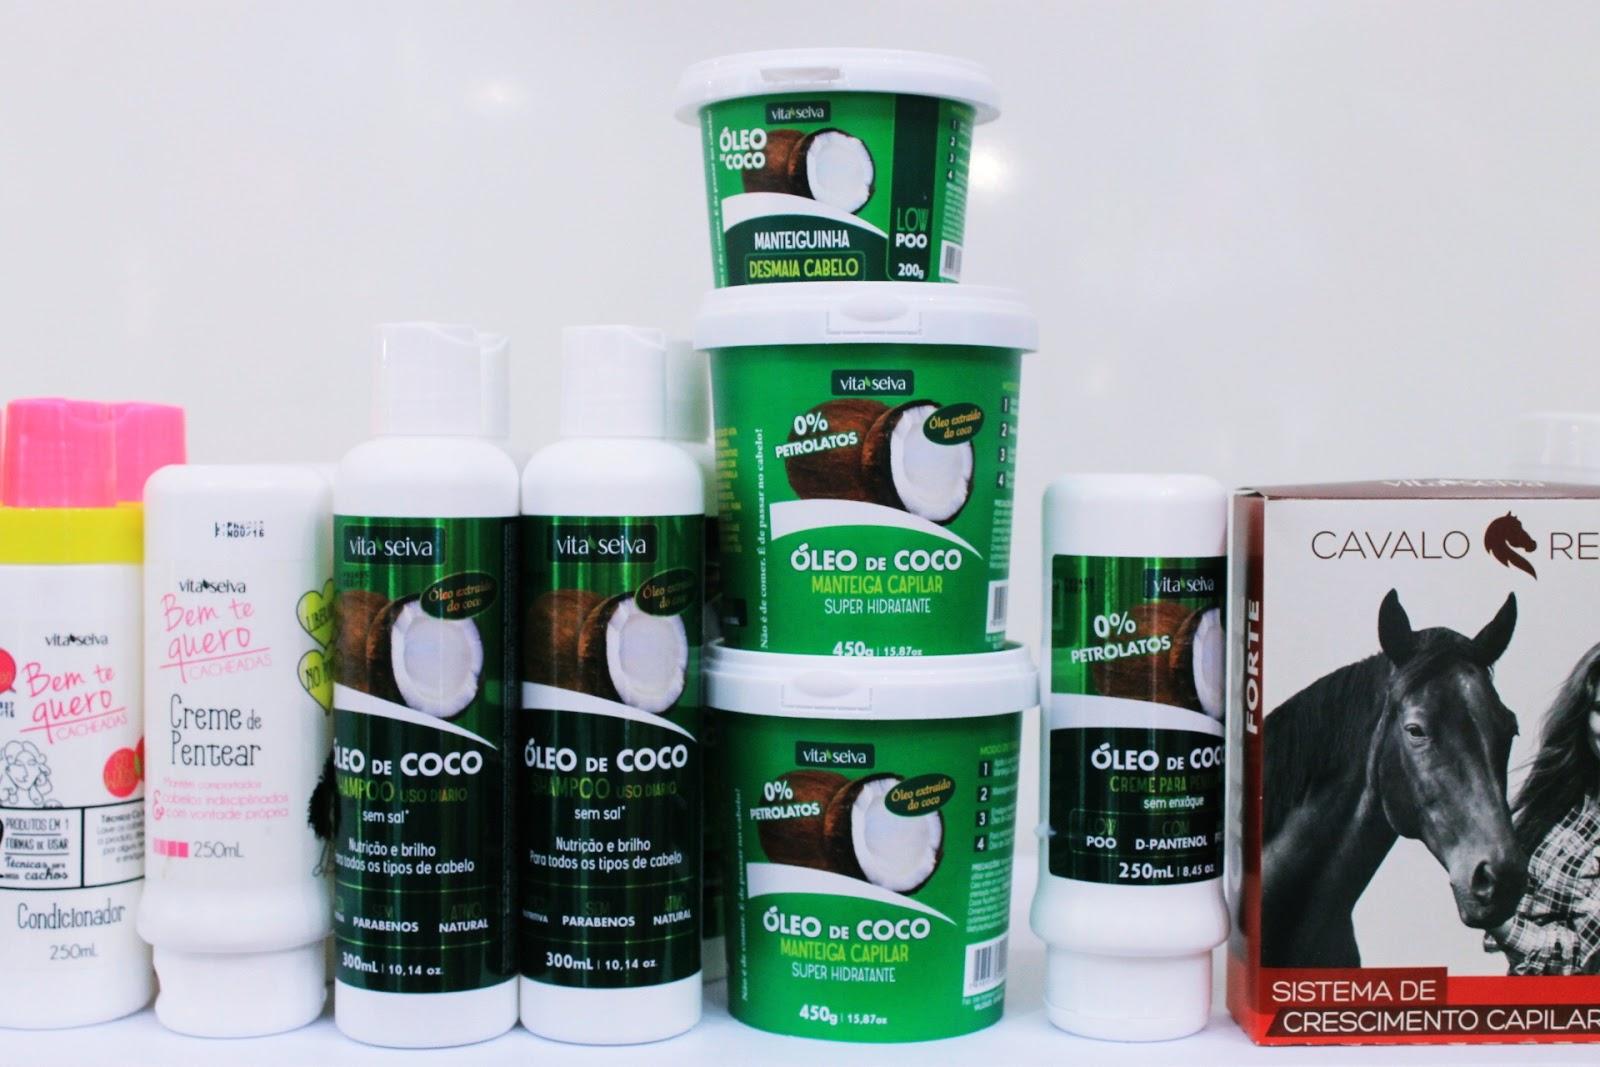 EBSA 7, ingrid gleize, lançamentos de cabelo, novidades produtos de cabelo, embelleze, vita seiva, creme é do babado evelyn regly, kiria hair, lançamento linha de coco, produtos liberados para low poo, produtos para cachos